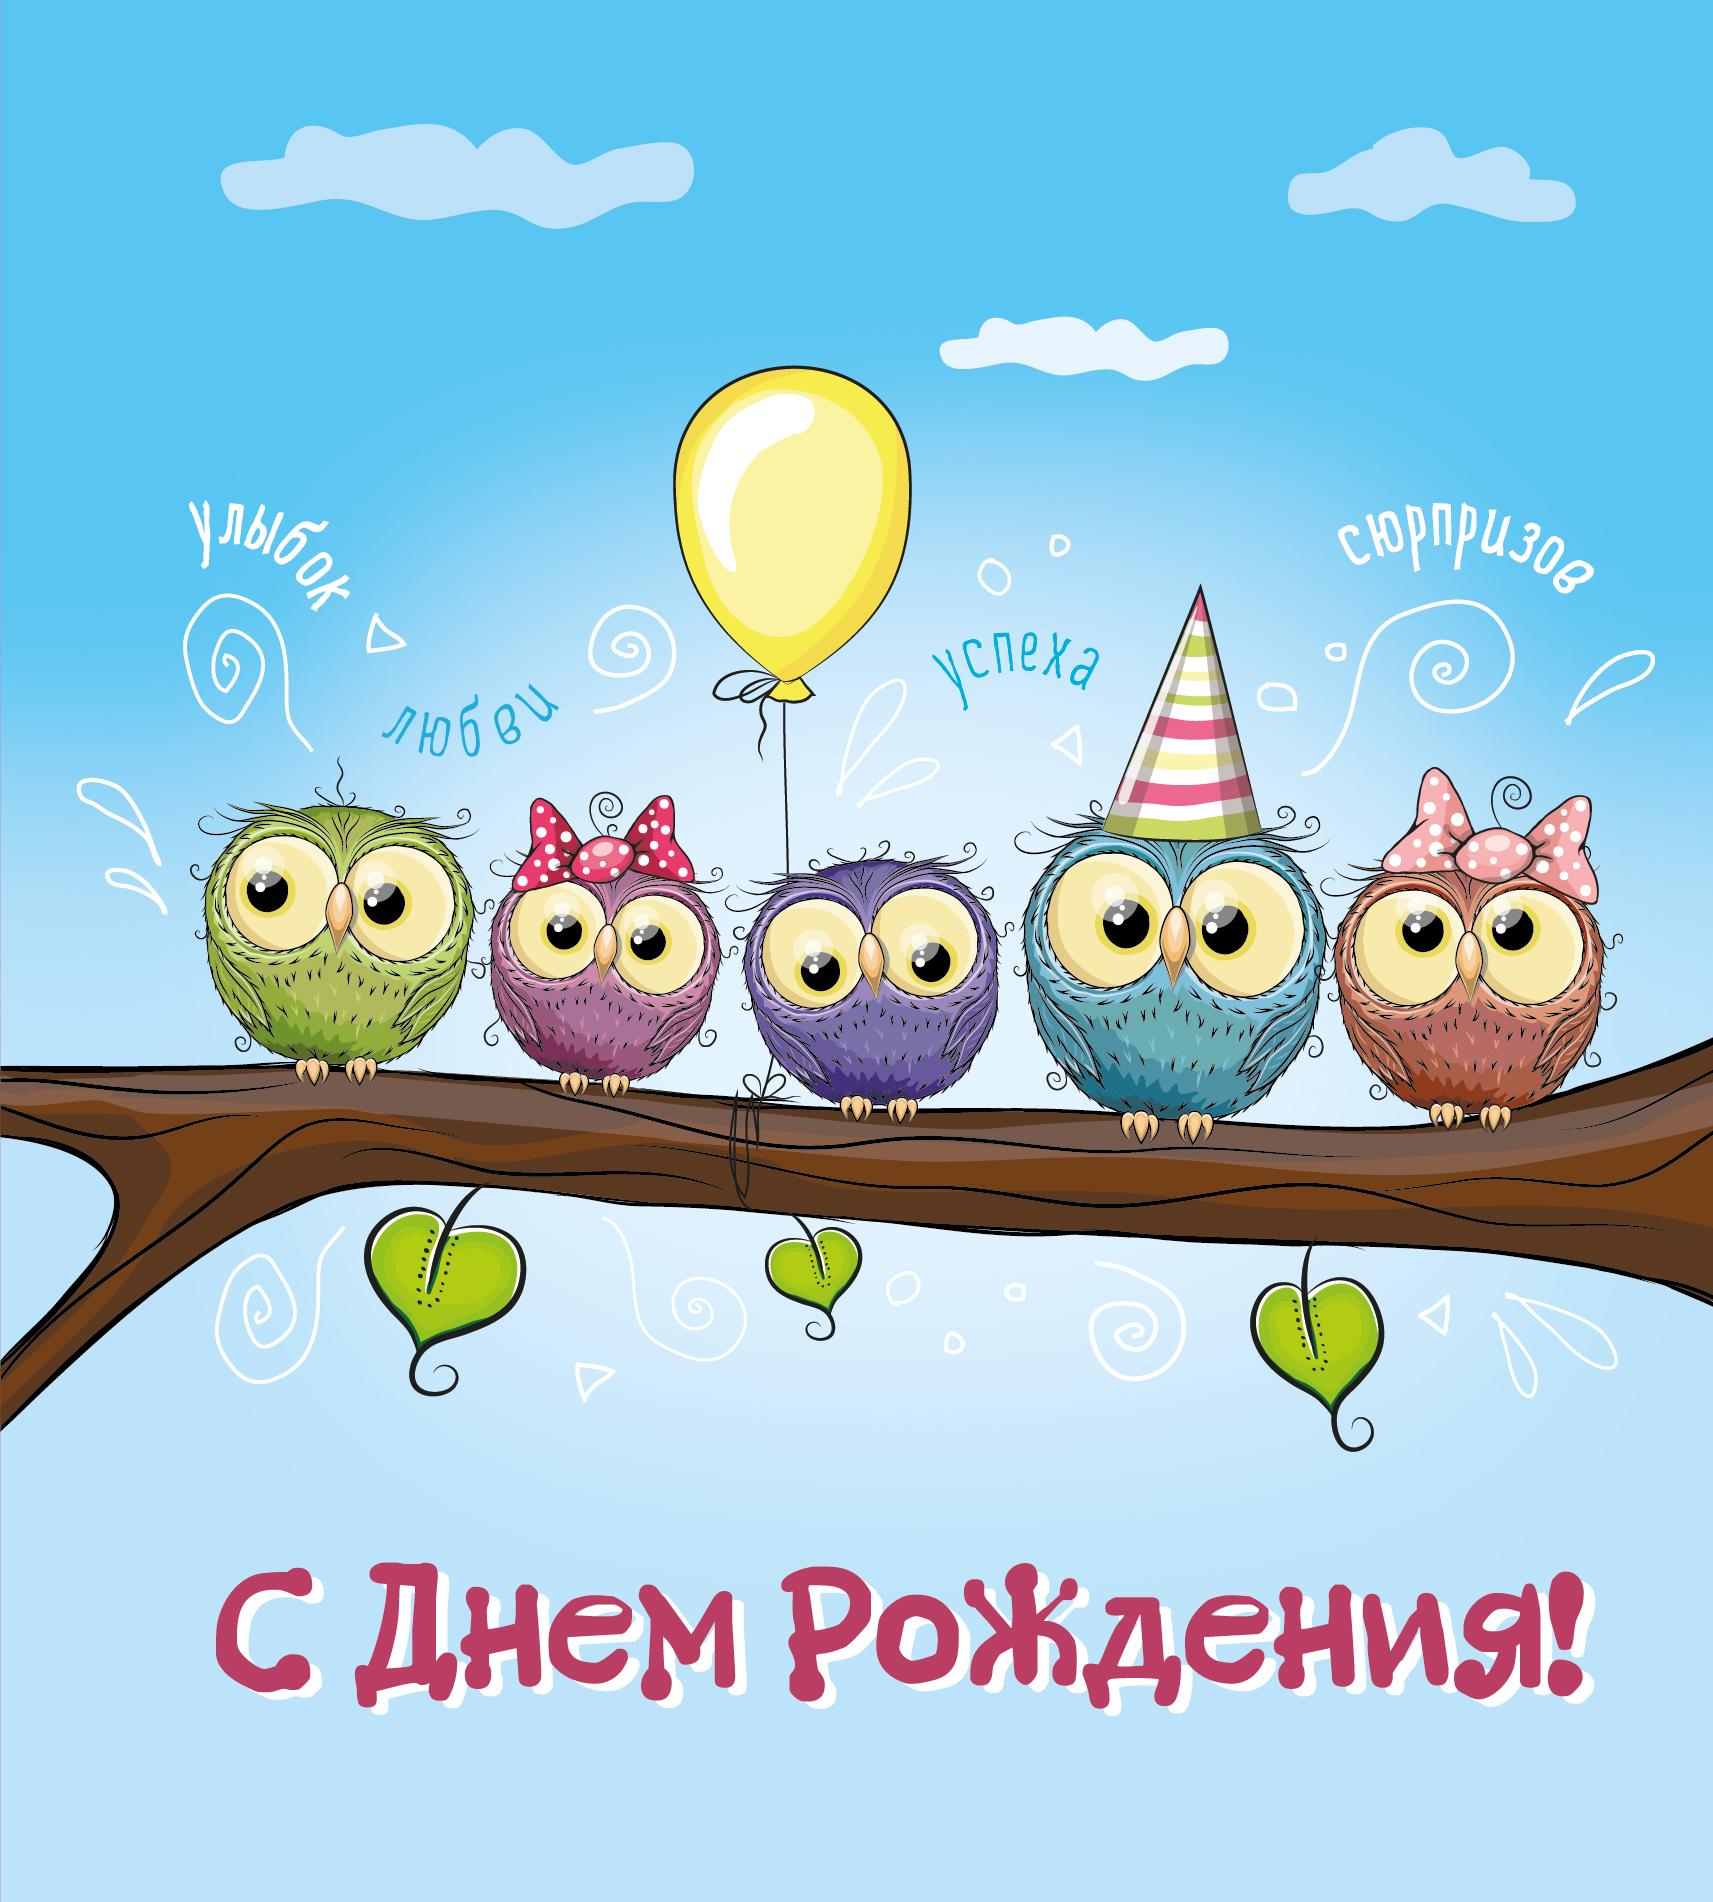 Поздравления у с днем рождения картинки